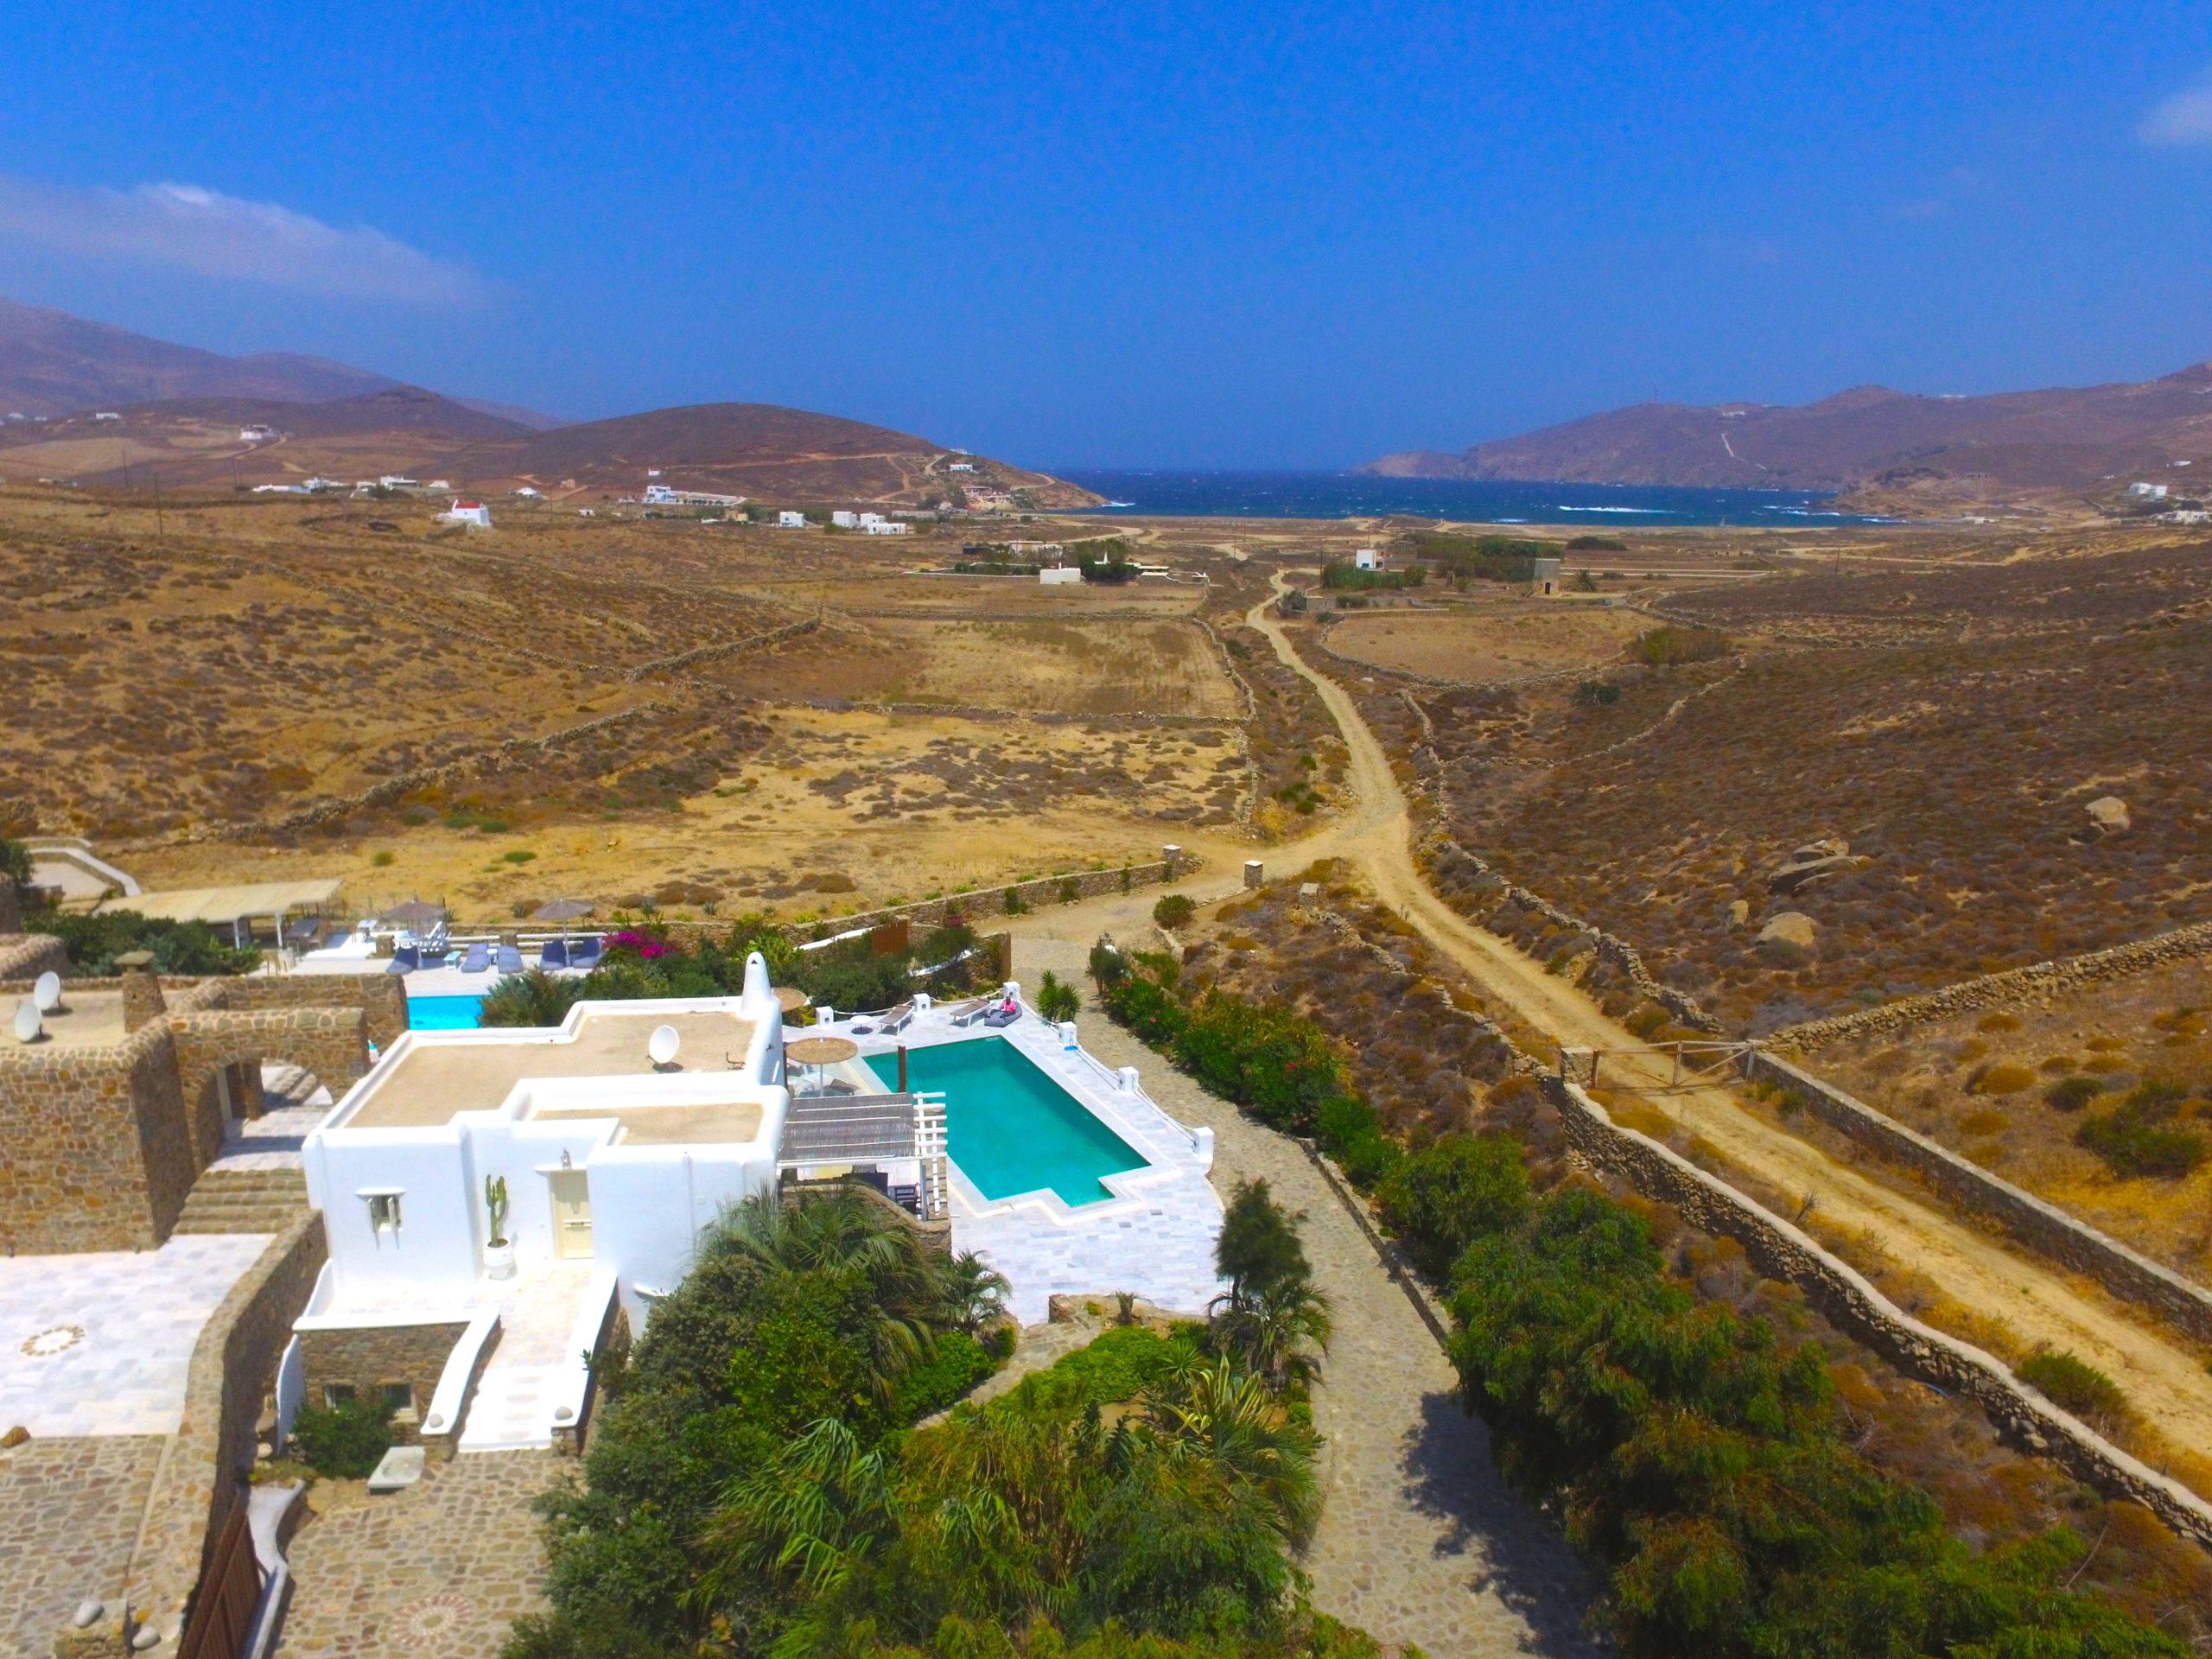 Aerial views of Mykonos Dream villas in Greece